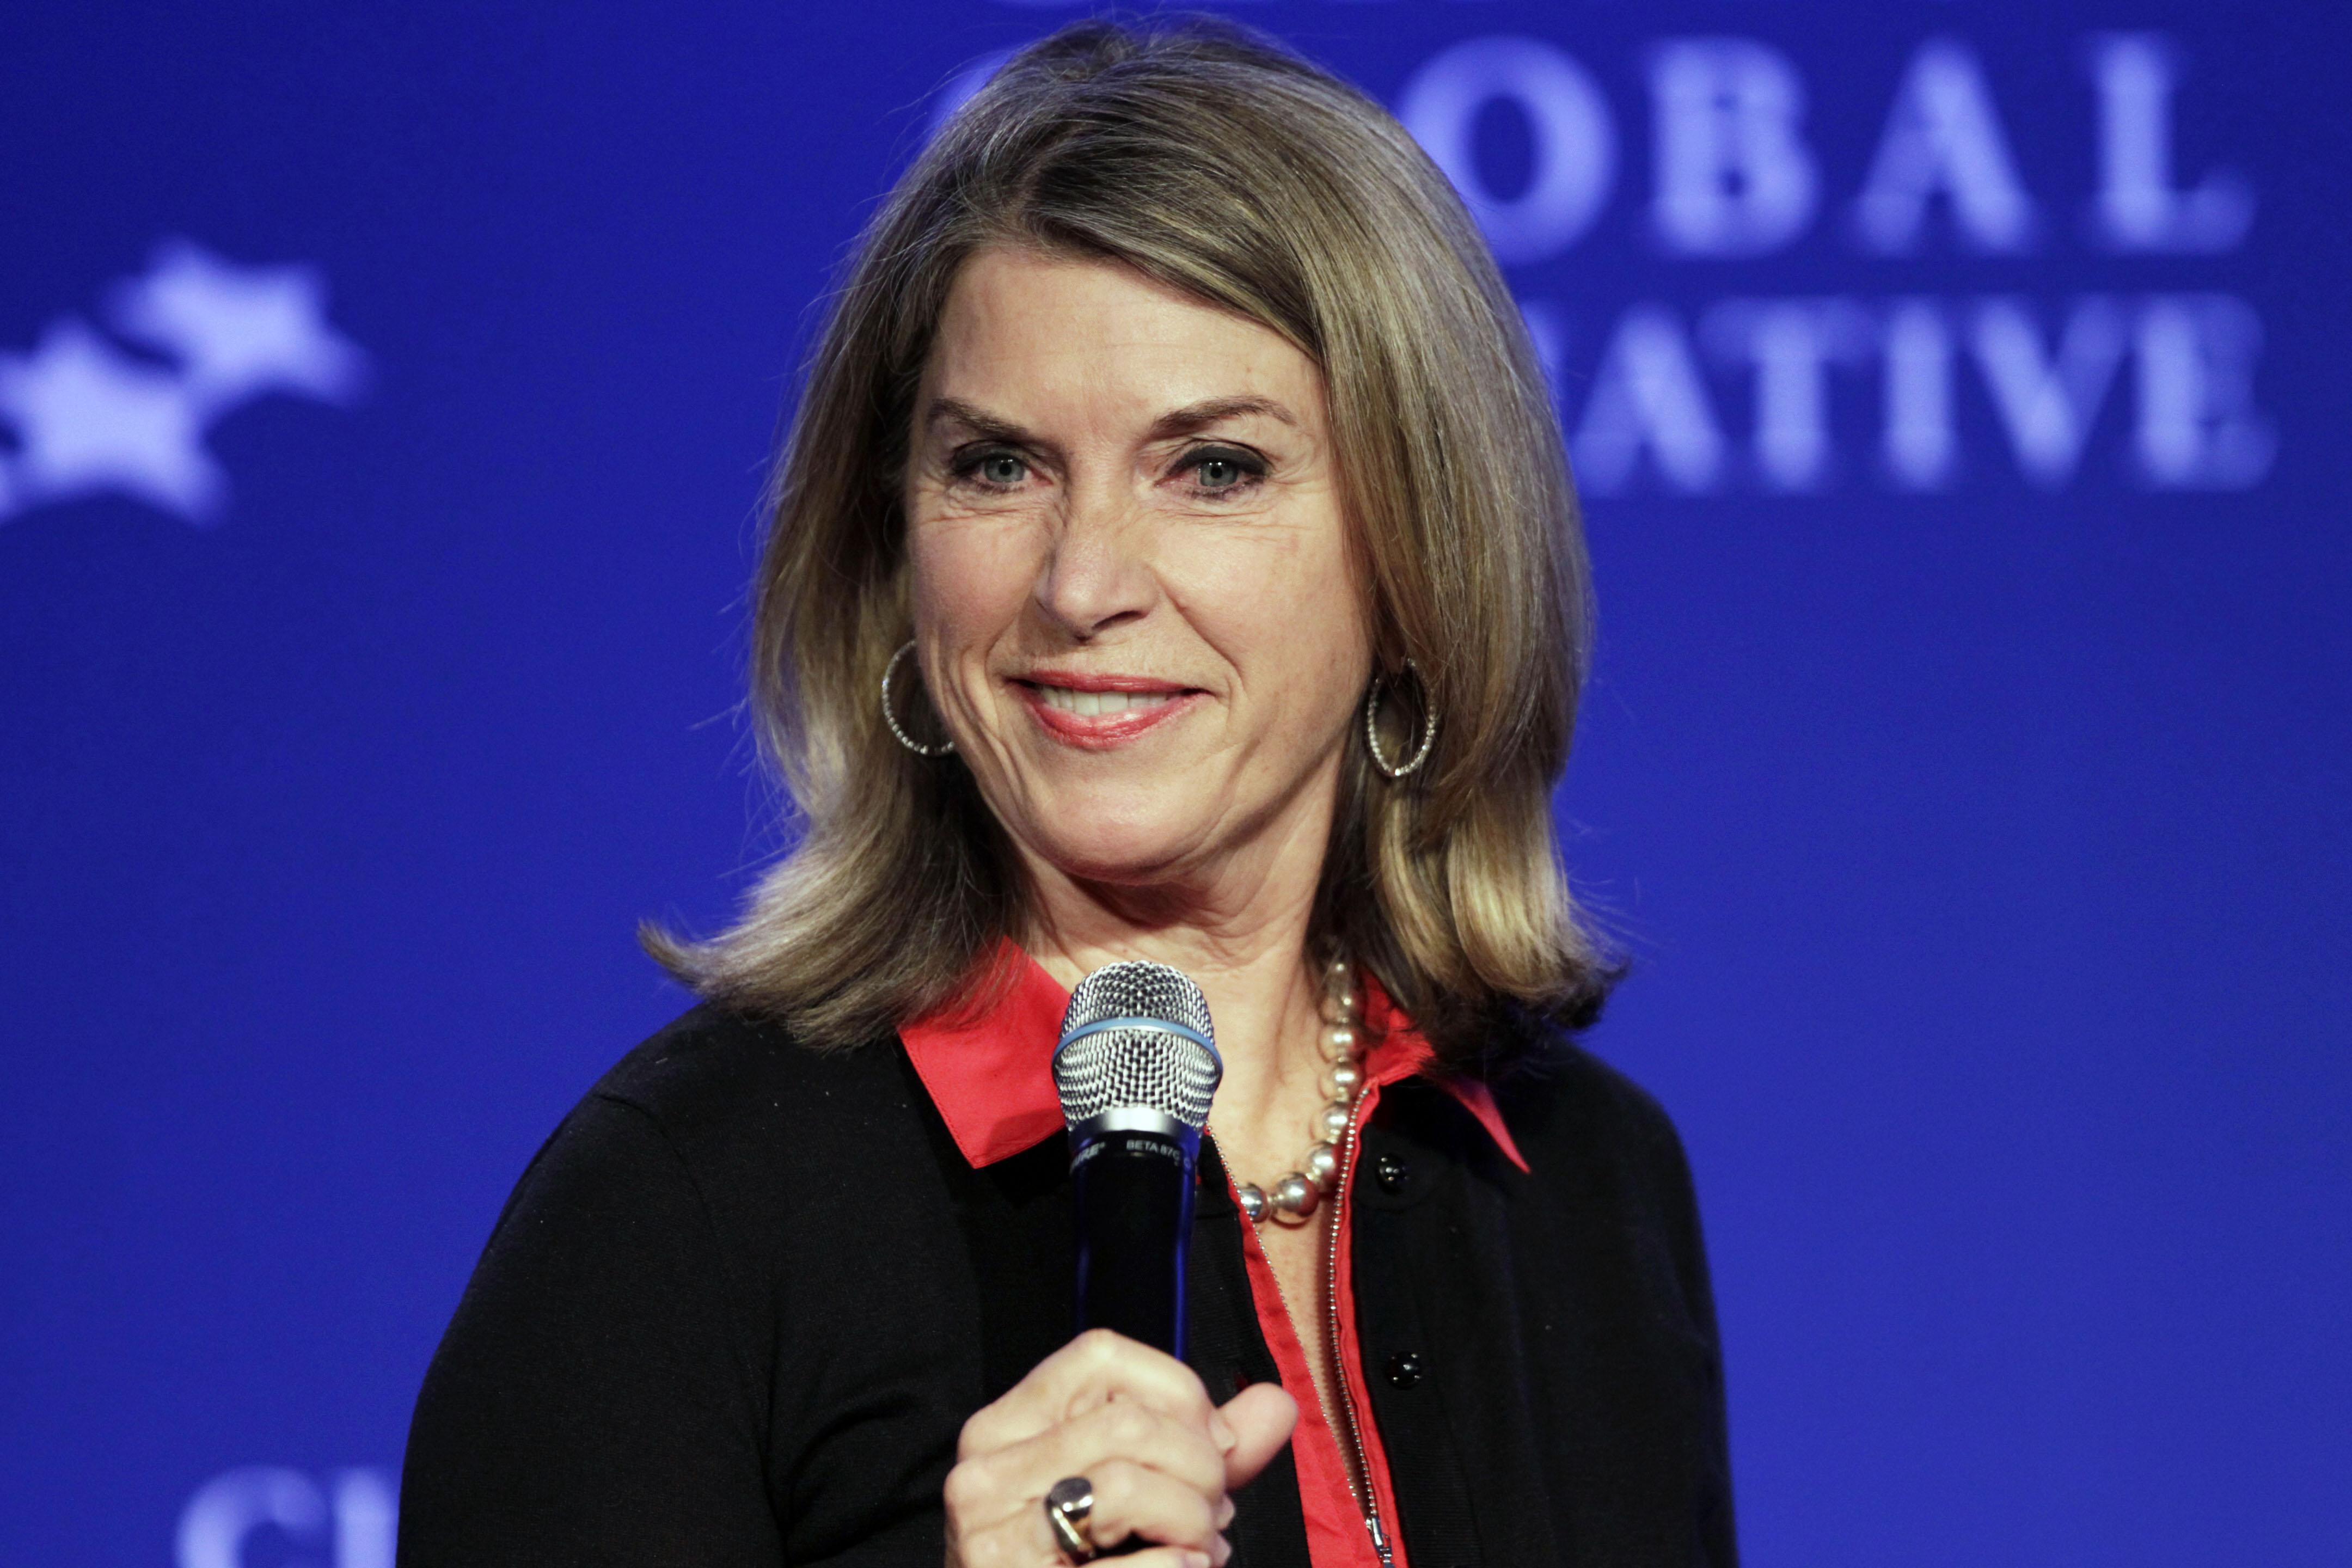 Kathleen Matthews running for Van Hollen's seat